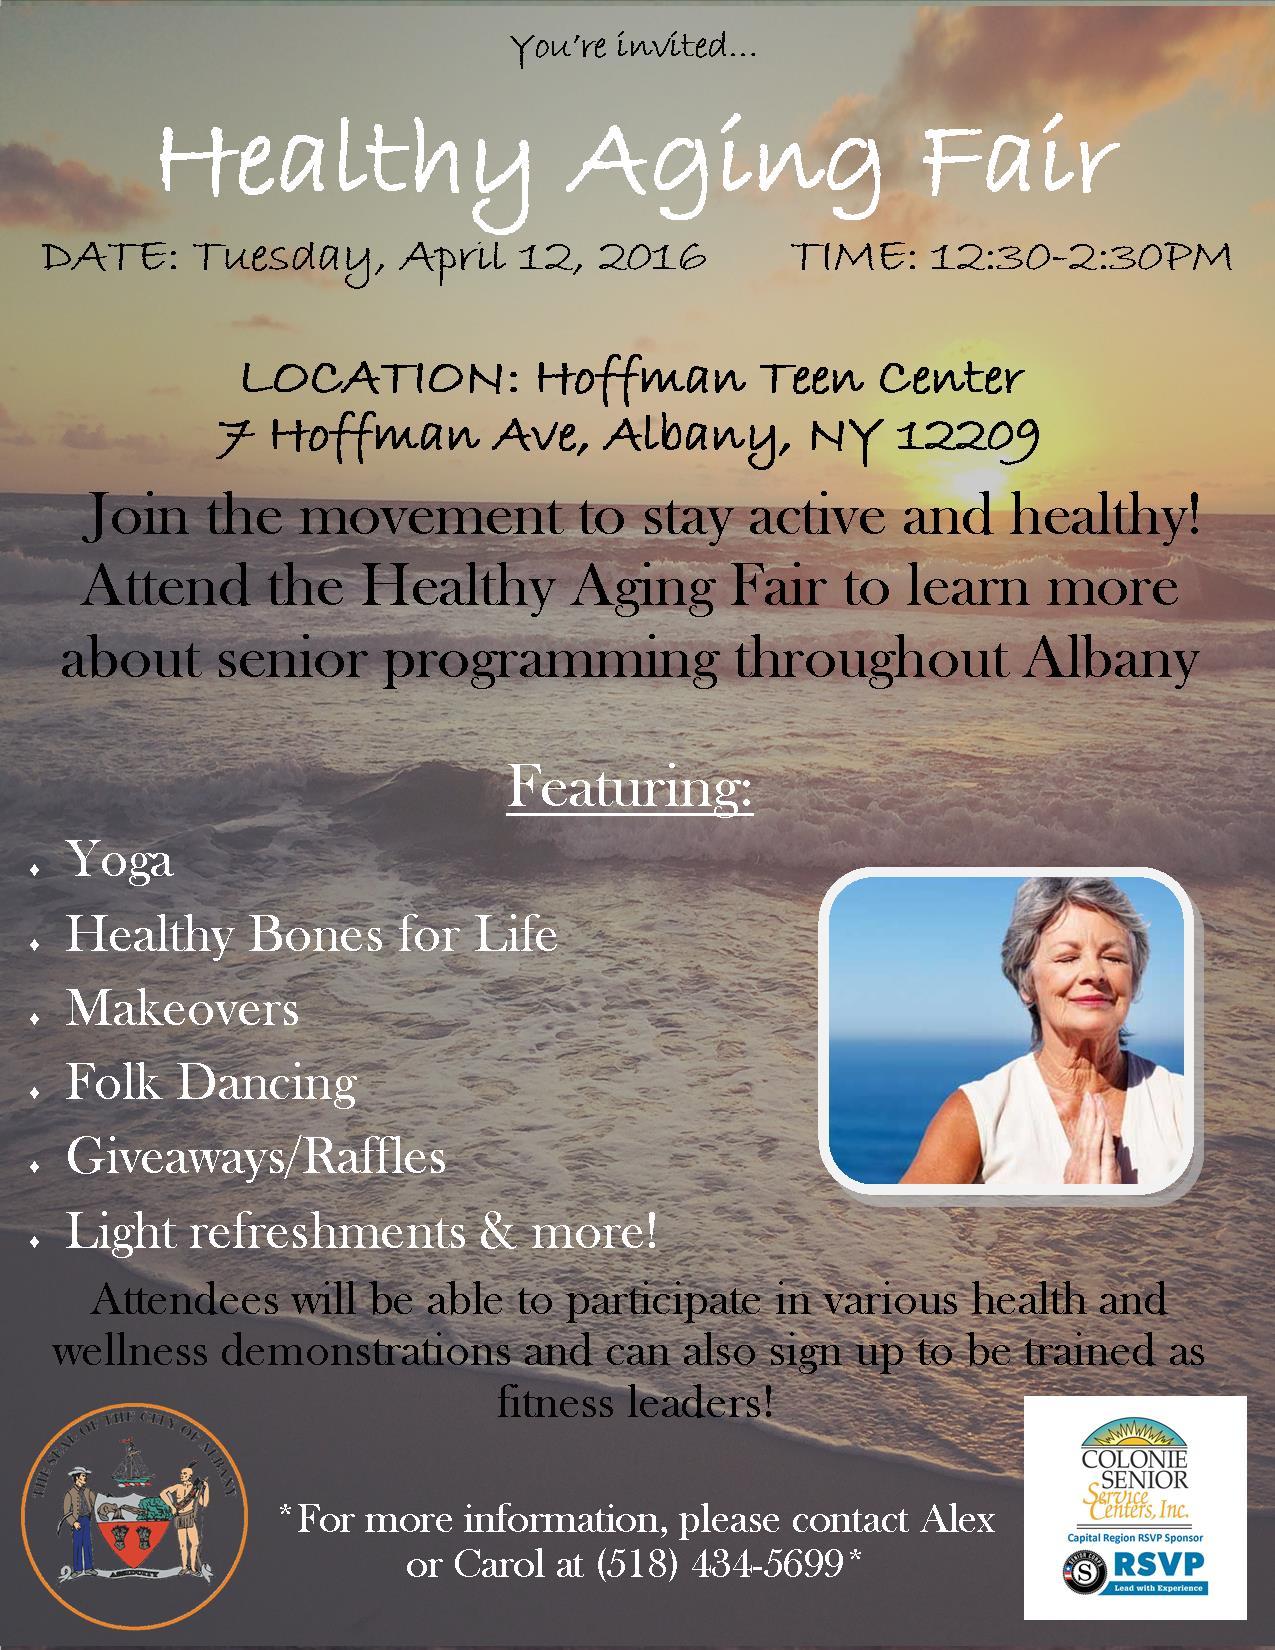 Healthy Aging Fair Flyer